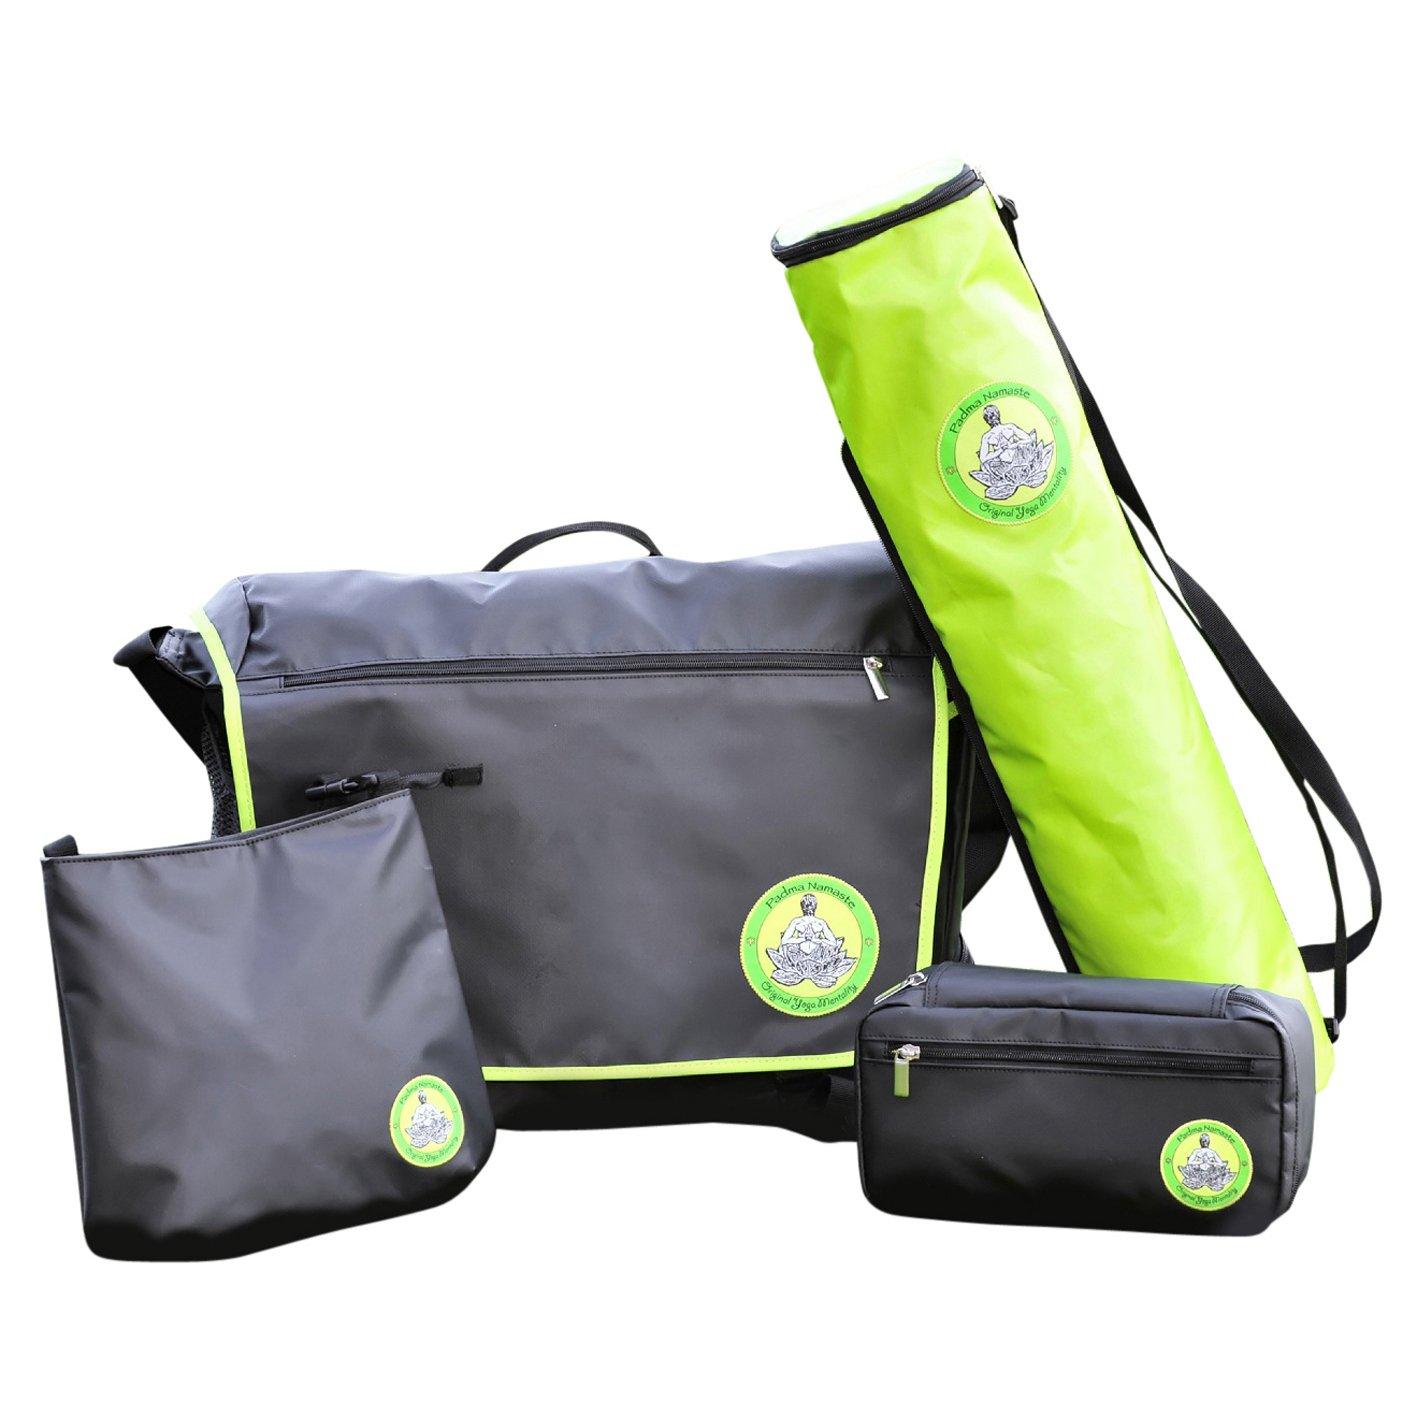 Cham Tex Taschen Yoga-taschen und Zubehör Allround Bag 4-teilig